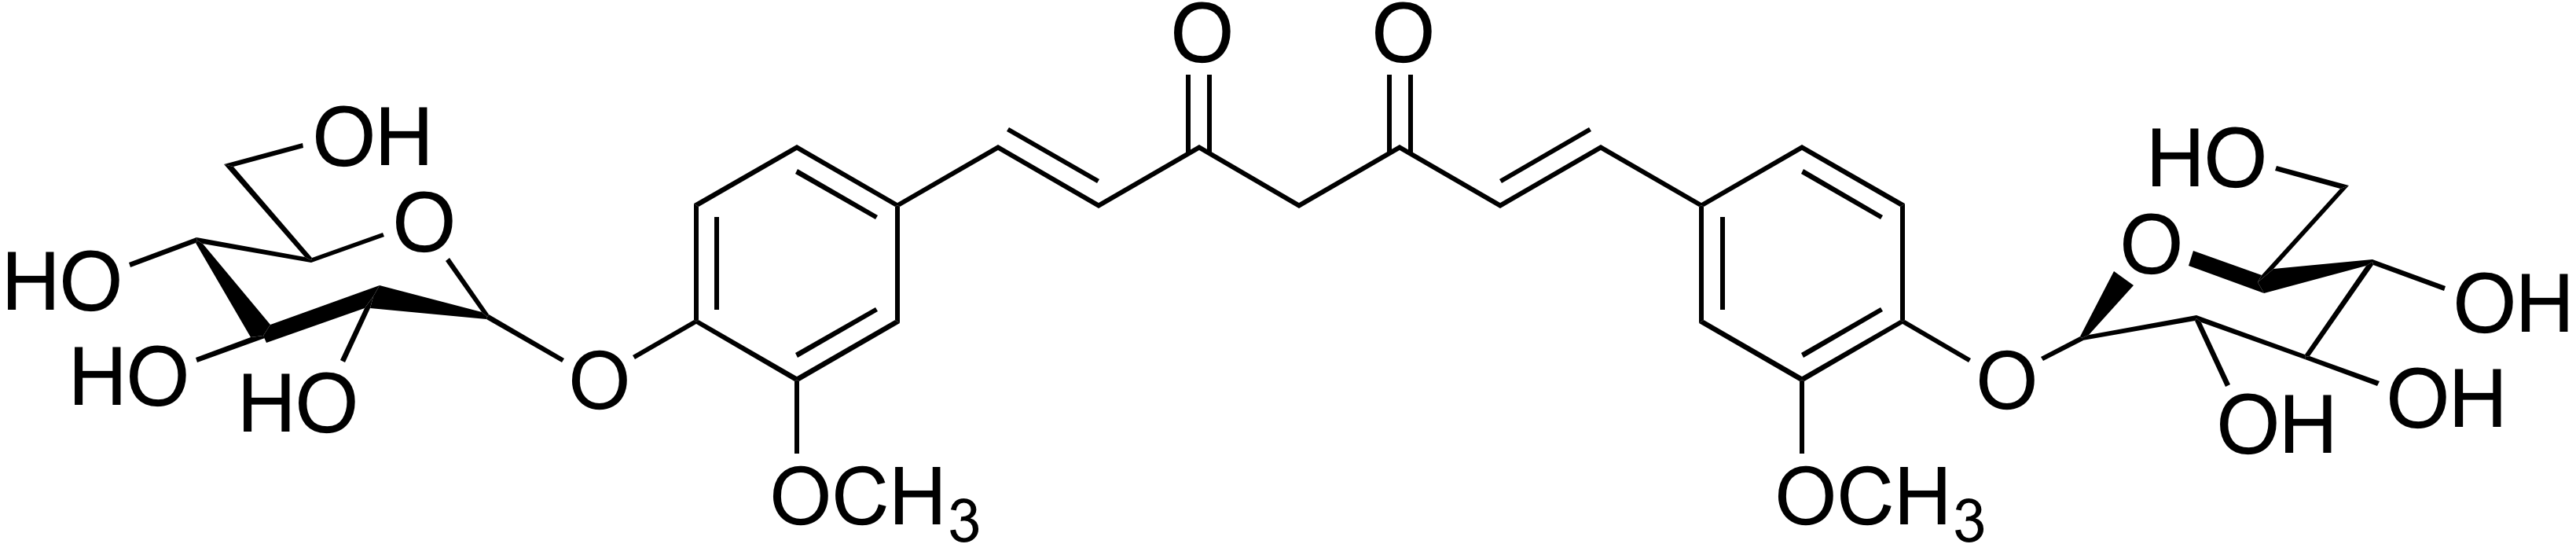 Curcumin diglucoside